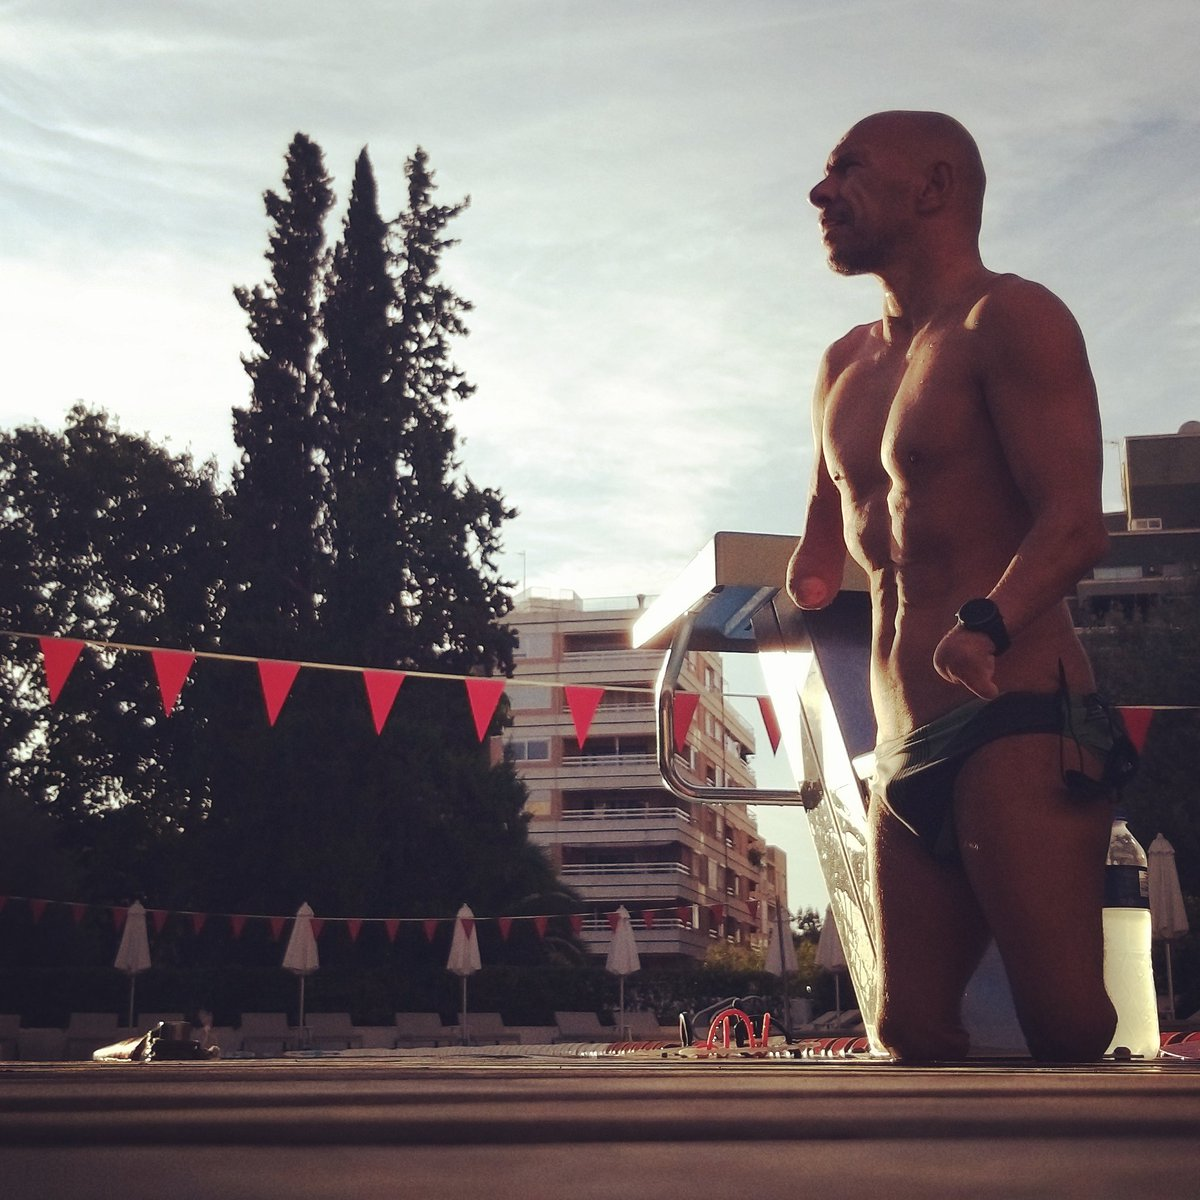 Swim ✅  ☺☺☺   😍🏊♂️💪  #swimmer #swimming #memories #Paraswimming #openwater #natacion #xavitorres #happy #happines #SinMiedoaCaerme #mallorca #smile #sonrisa #bondia #goodmorning #buenosdias https://t.co/IOwvrpbEDE